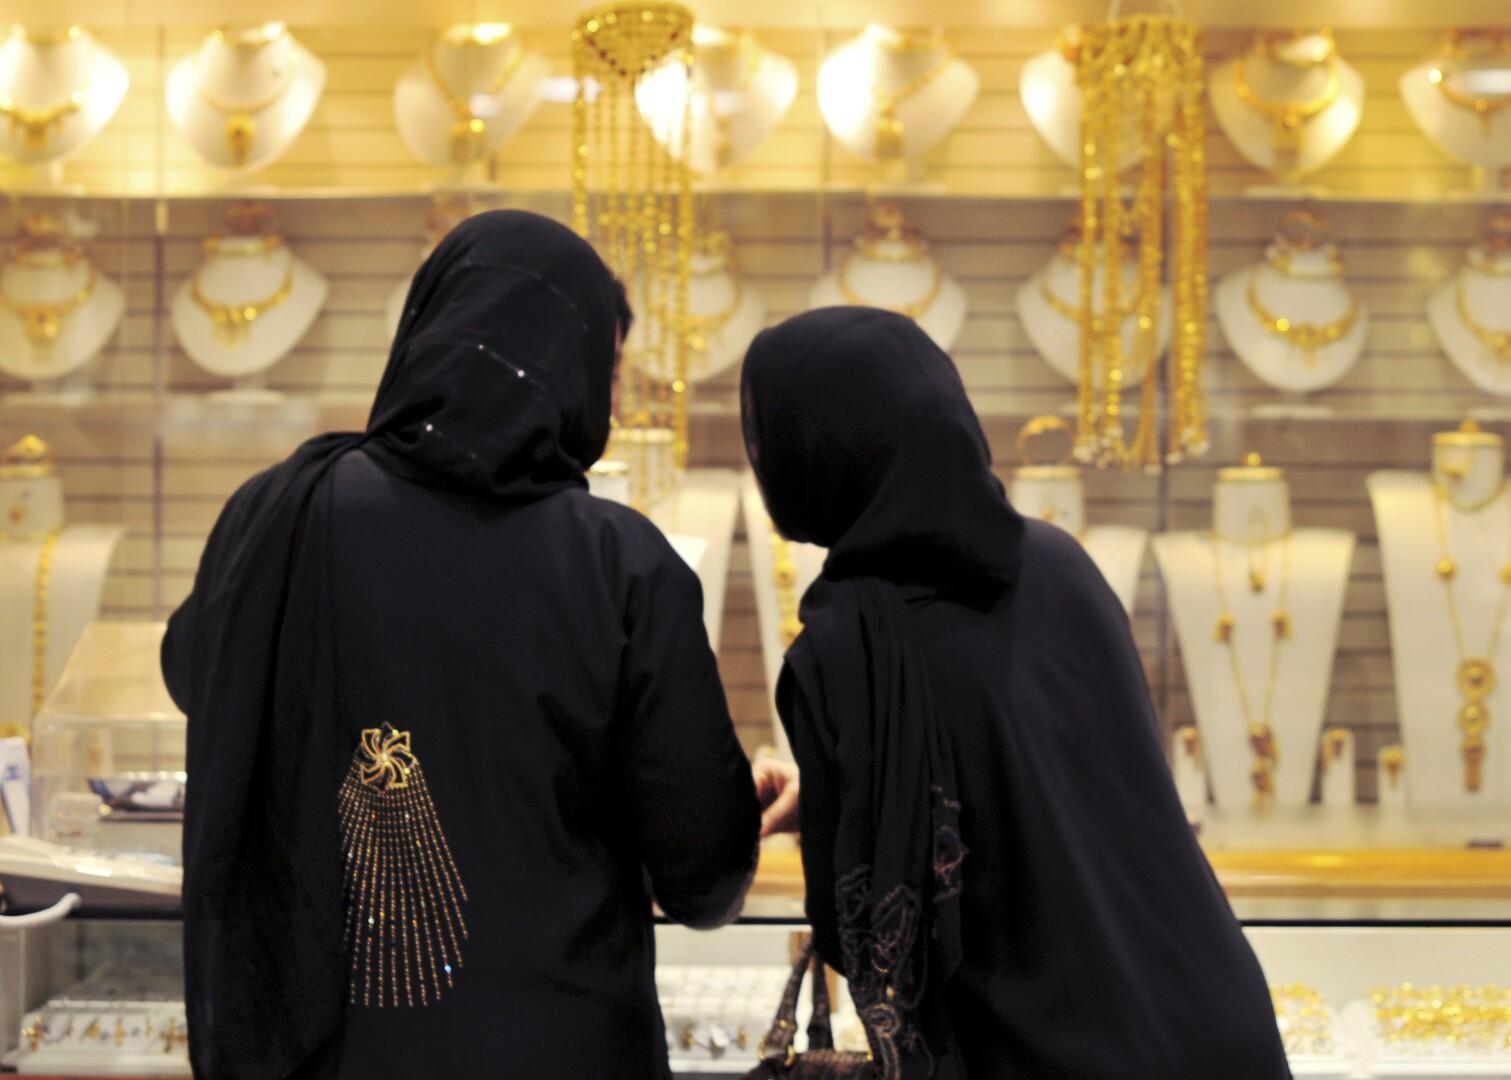 قطر تشتري 7.8 طن من الذهب في شهر واحد